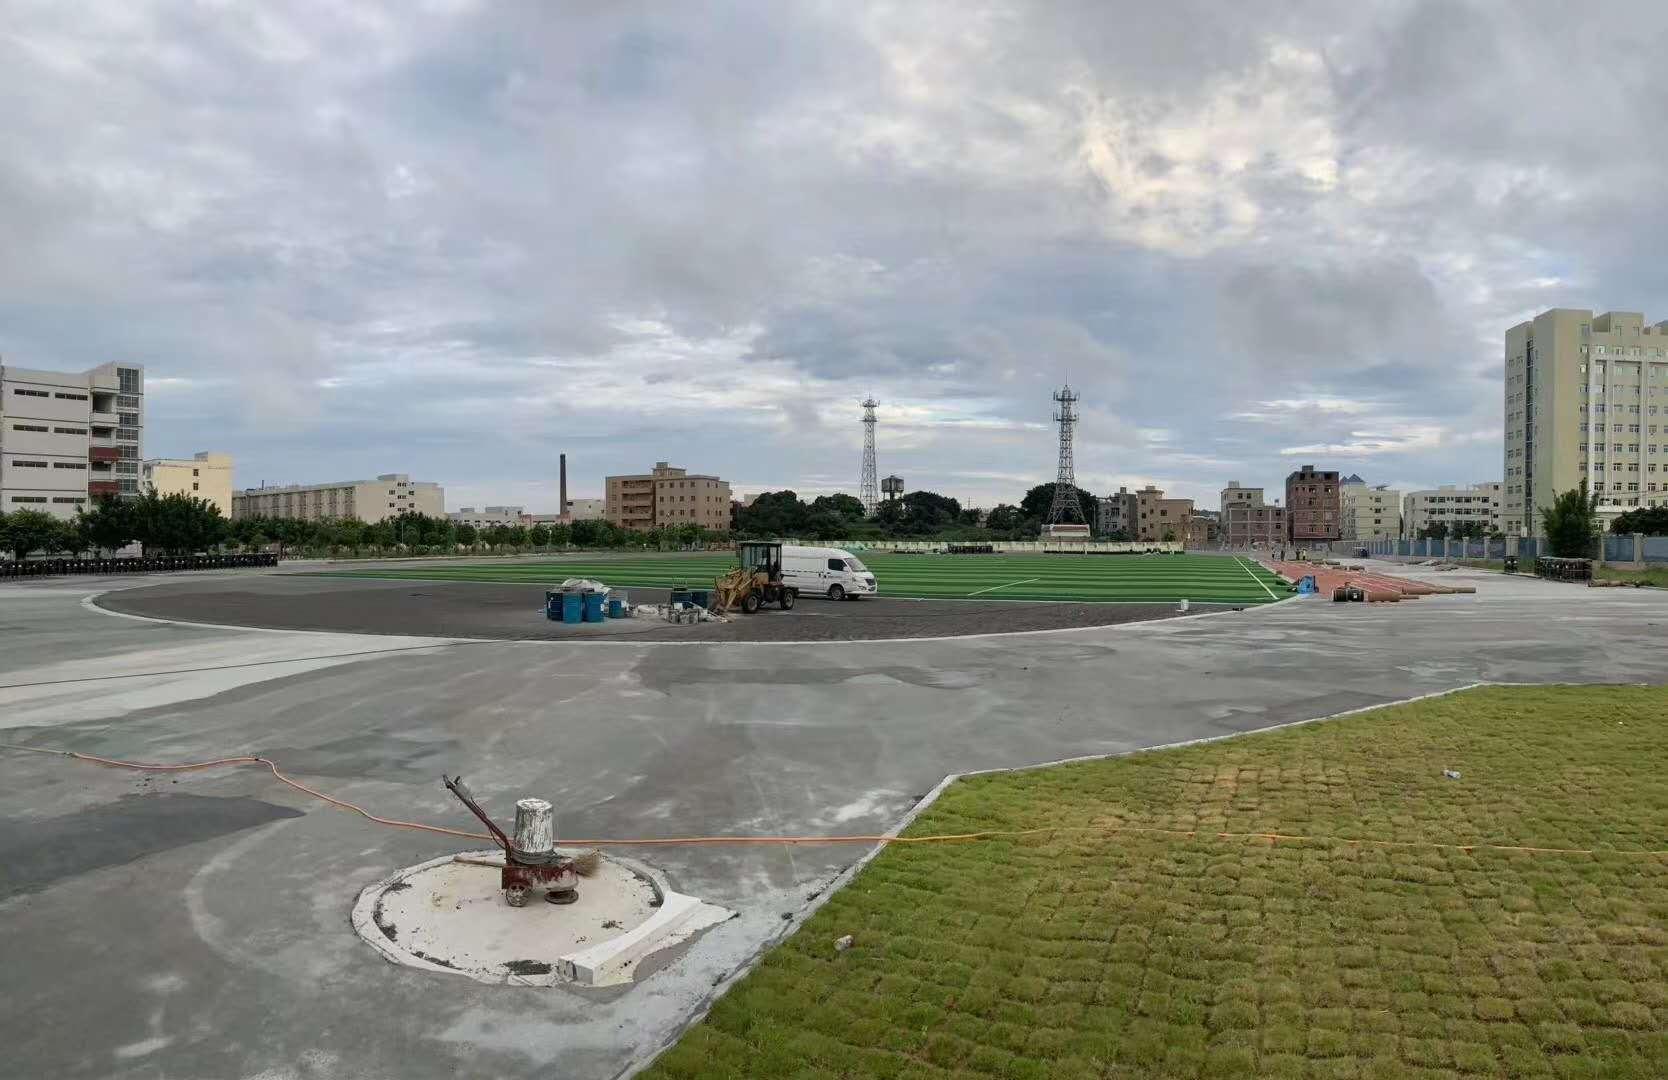 台商区玉埕中学预制型卷材跑道球场及配套设施项目紧张进行时